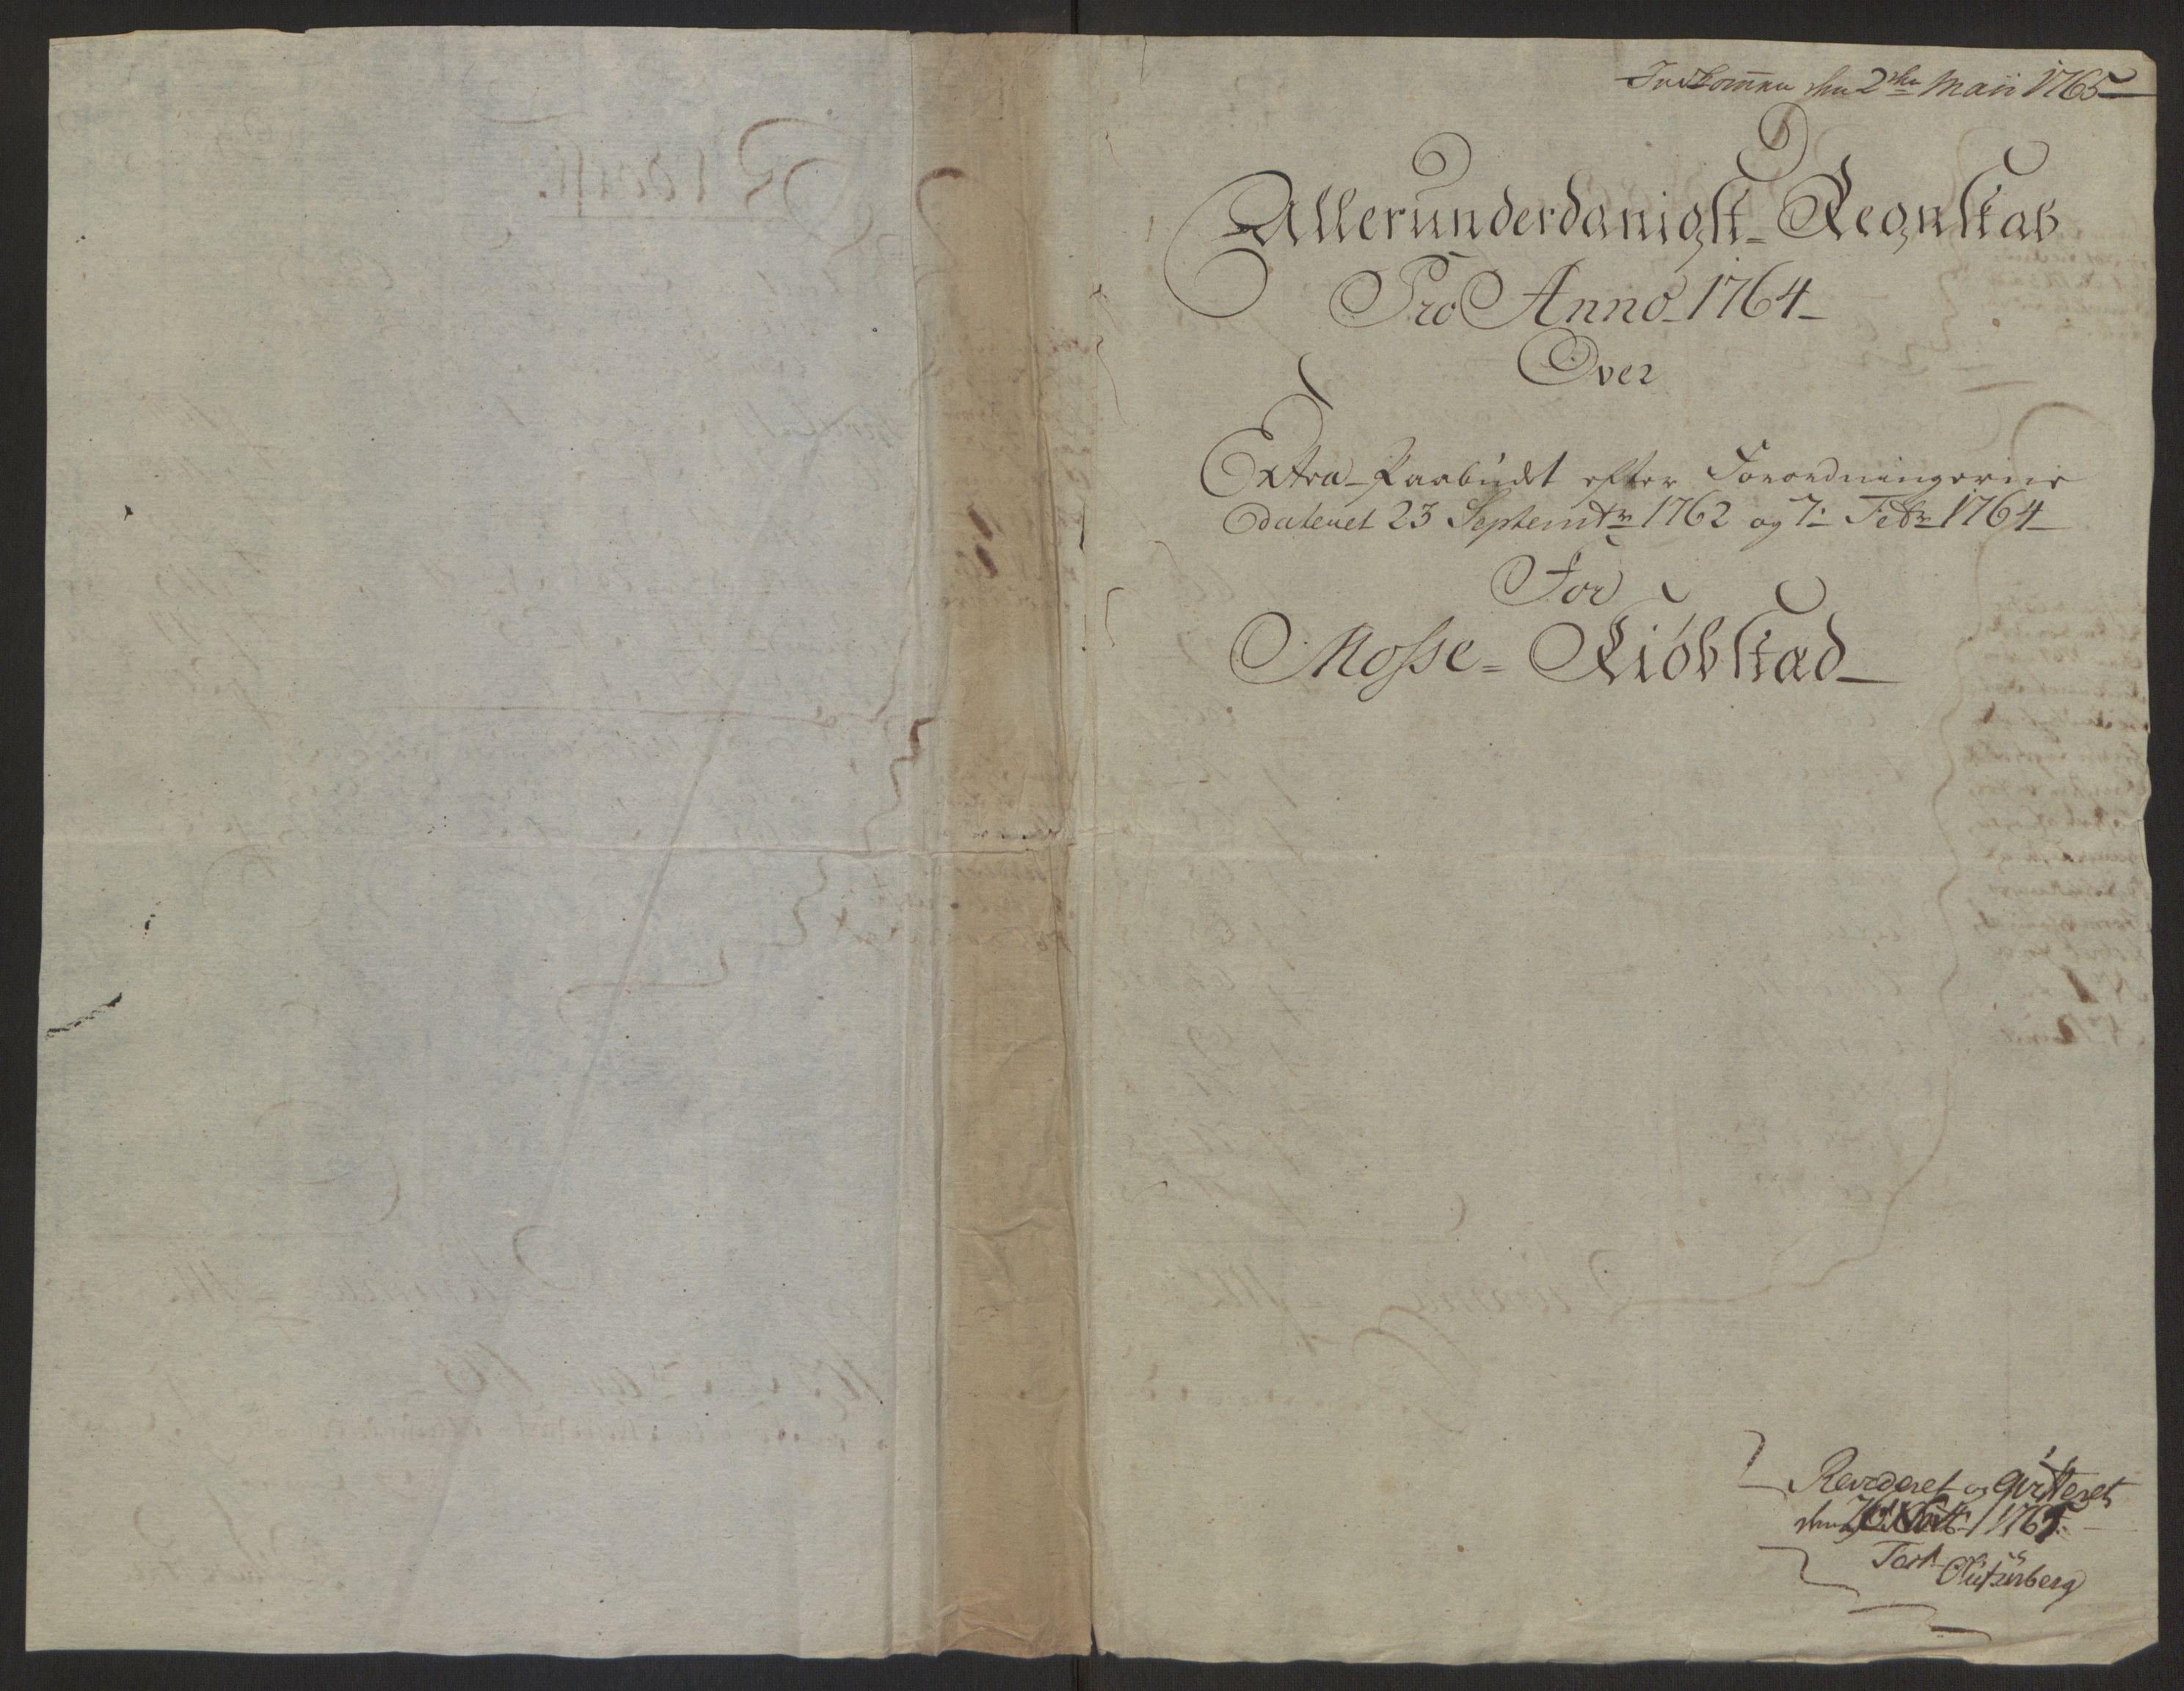 RA, Rentekammeret inntil 1814, Reviderte regnskaper, Byregnskaper, R/Rc/L0042: [C1] Kontribusjonsregnskap, 1762-1765, s. 166